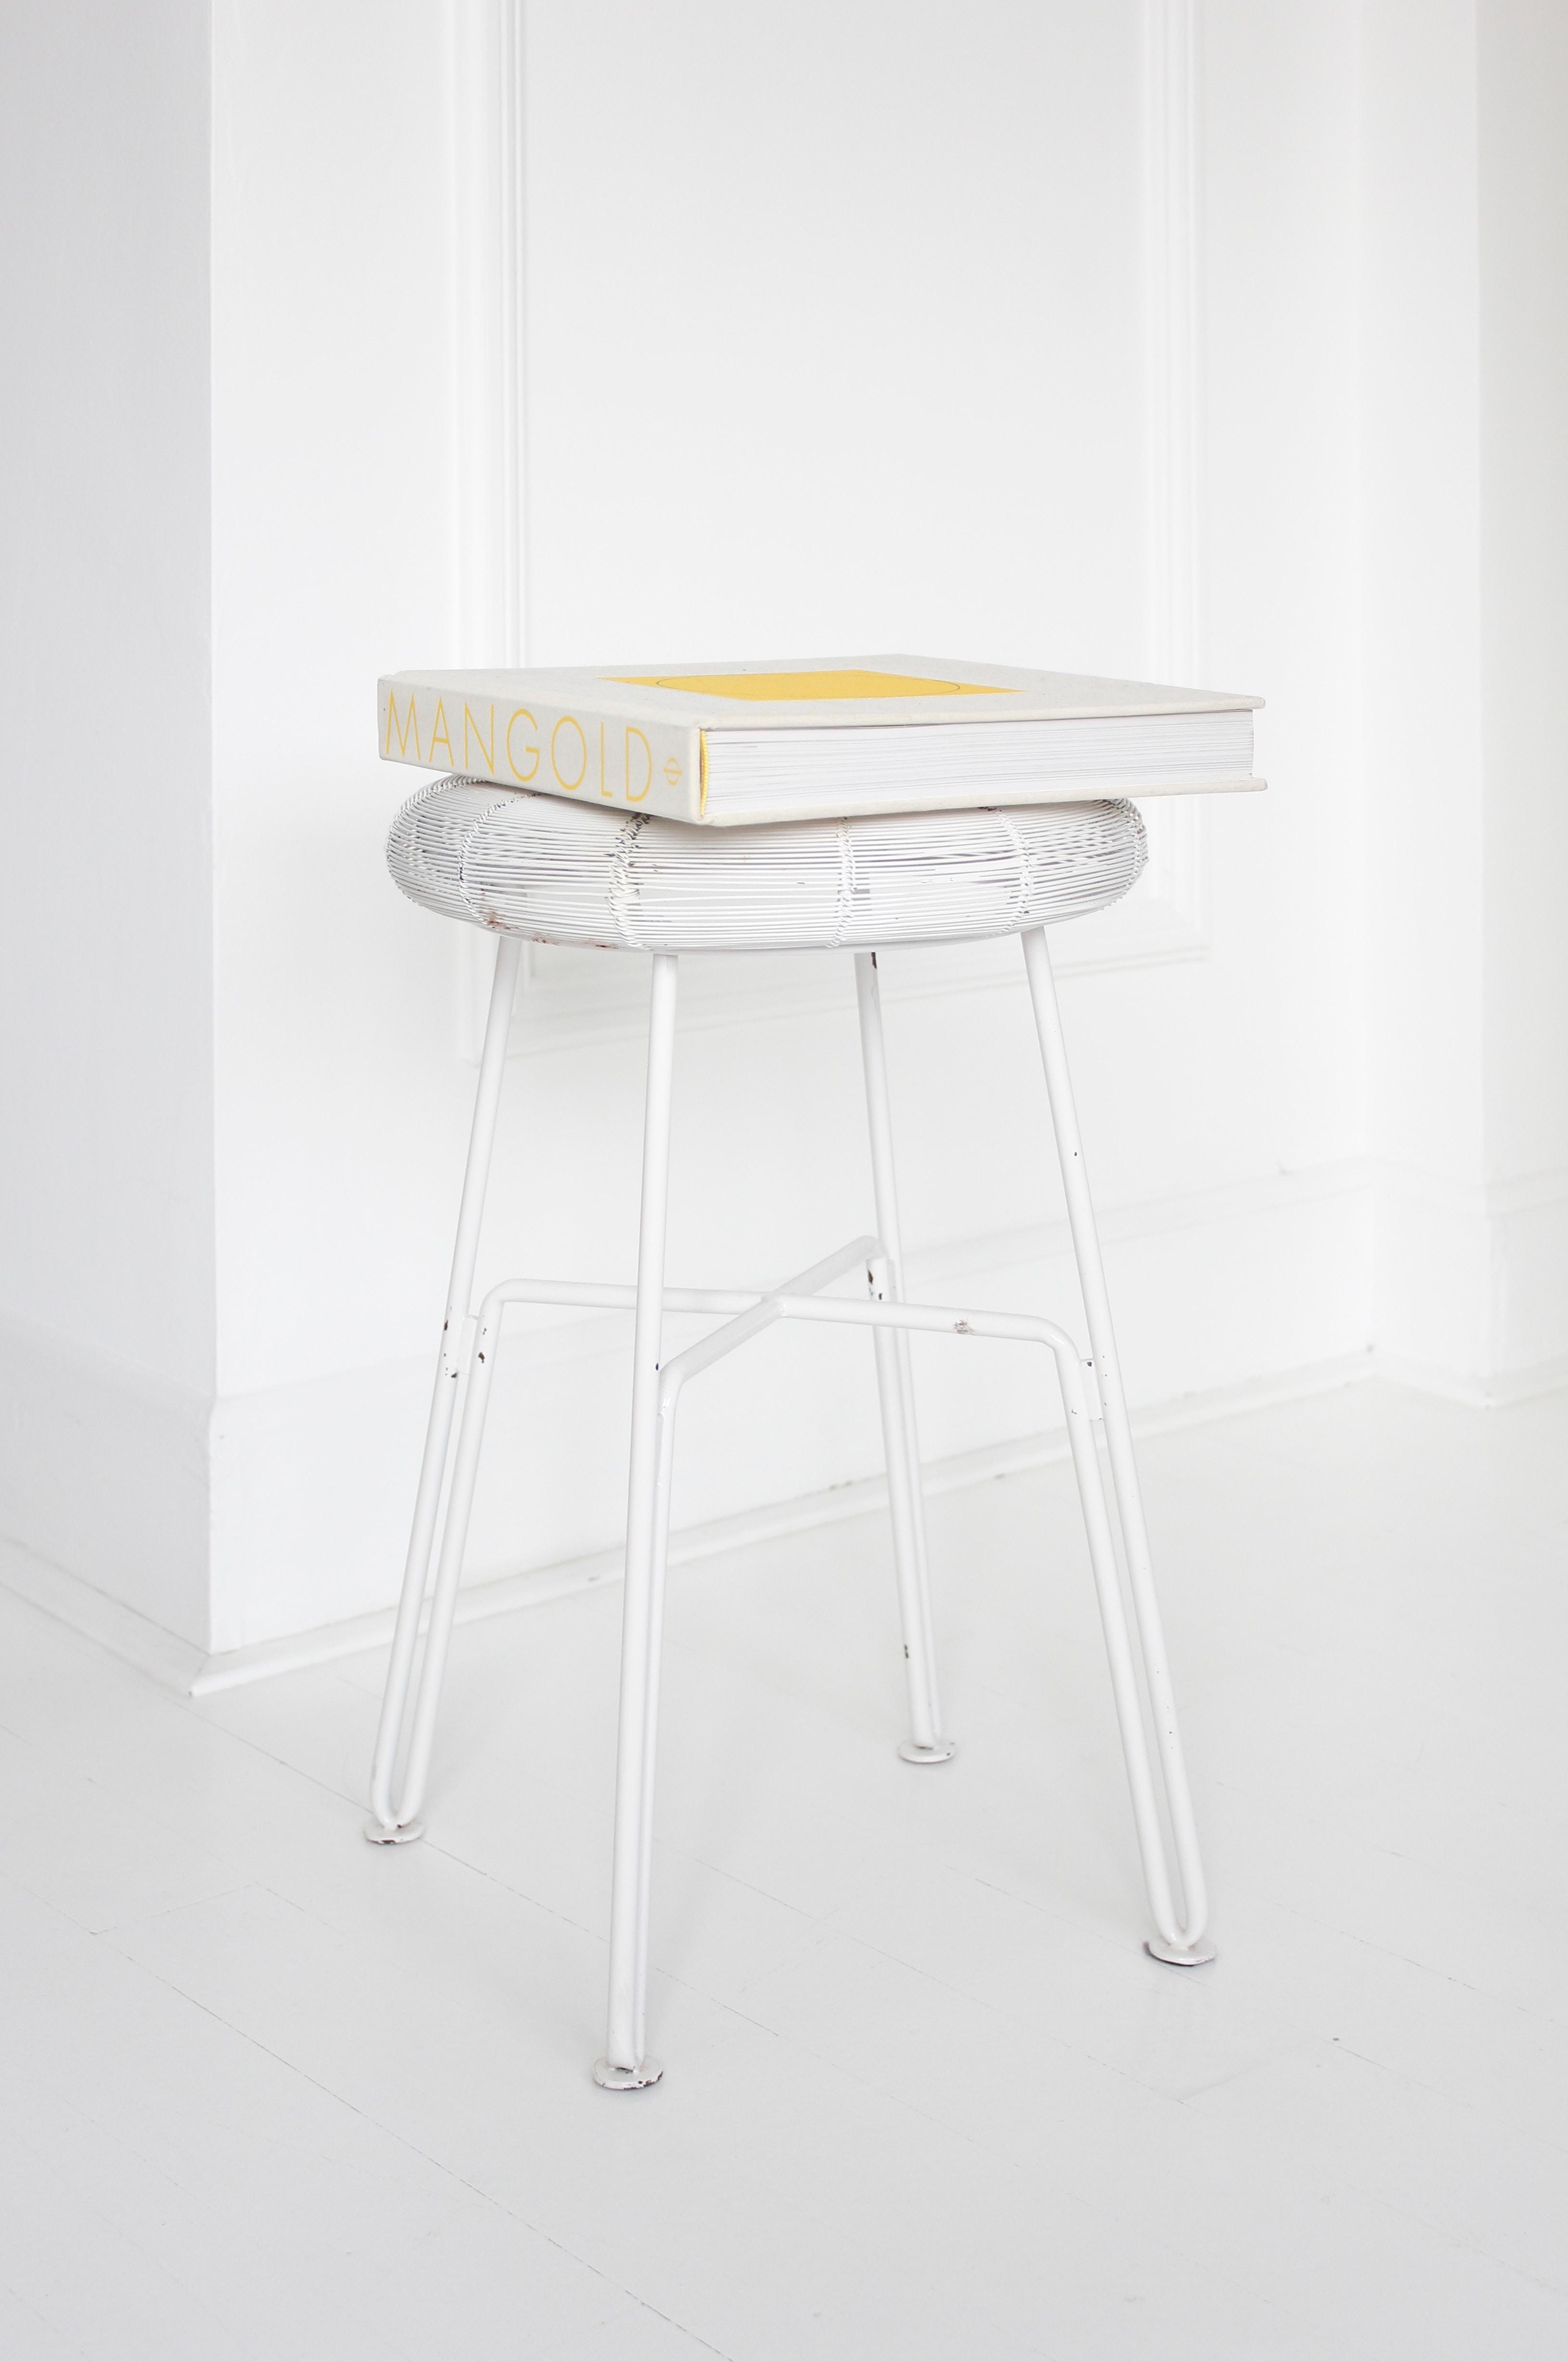 Fotos gratis : silla, mueble, ángulo, madera contrachapada, diseño ...